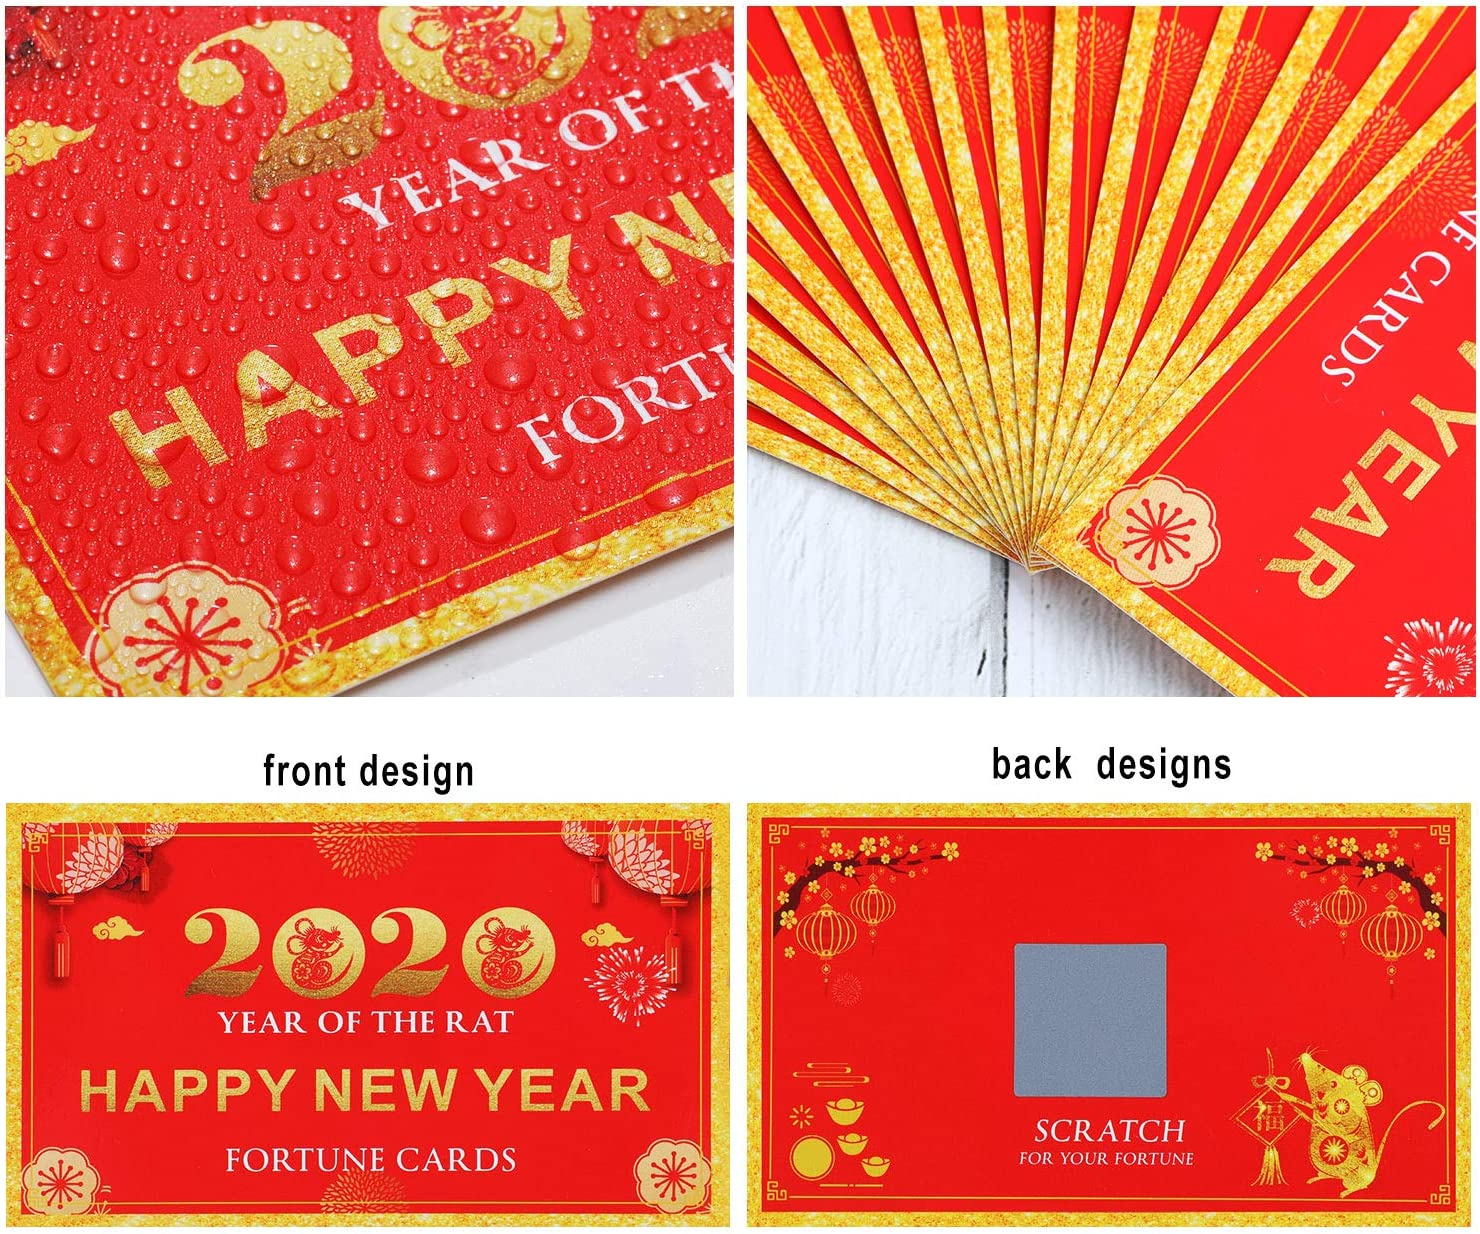 BBTO 30 St/ück 2020 Neujahr Gl/ückskarten Kratzen Gl/ückskarten Jahr der Ratten Karten f/ür Party Lieferung zum Neujahr